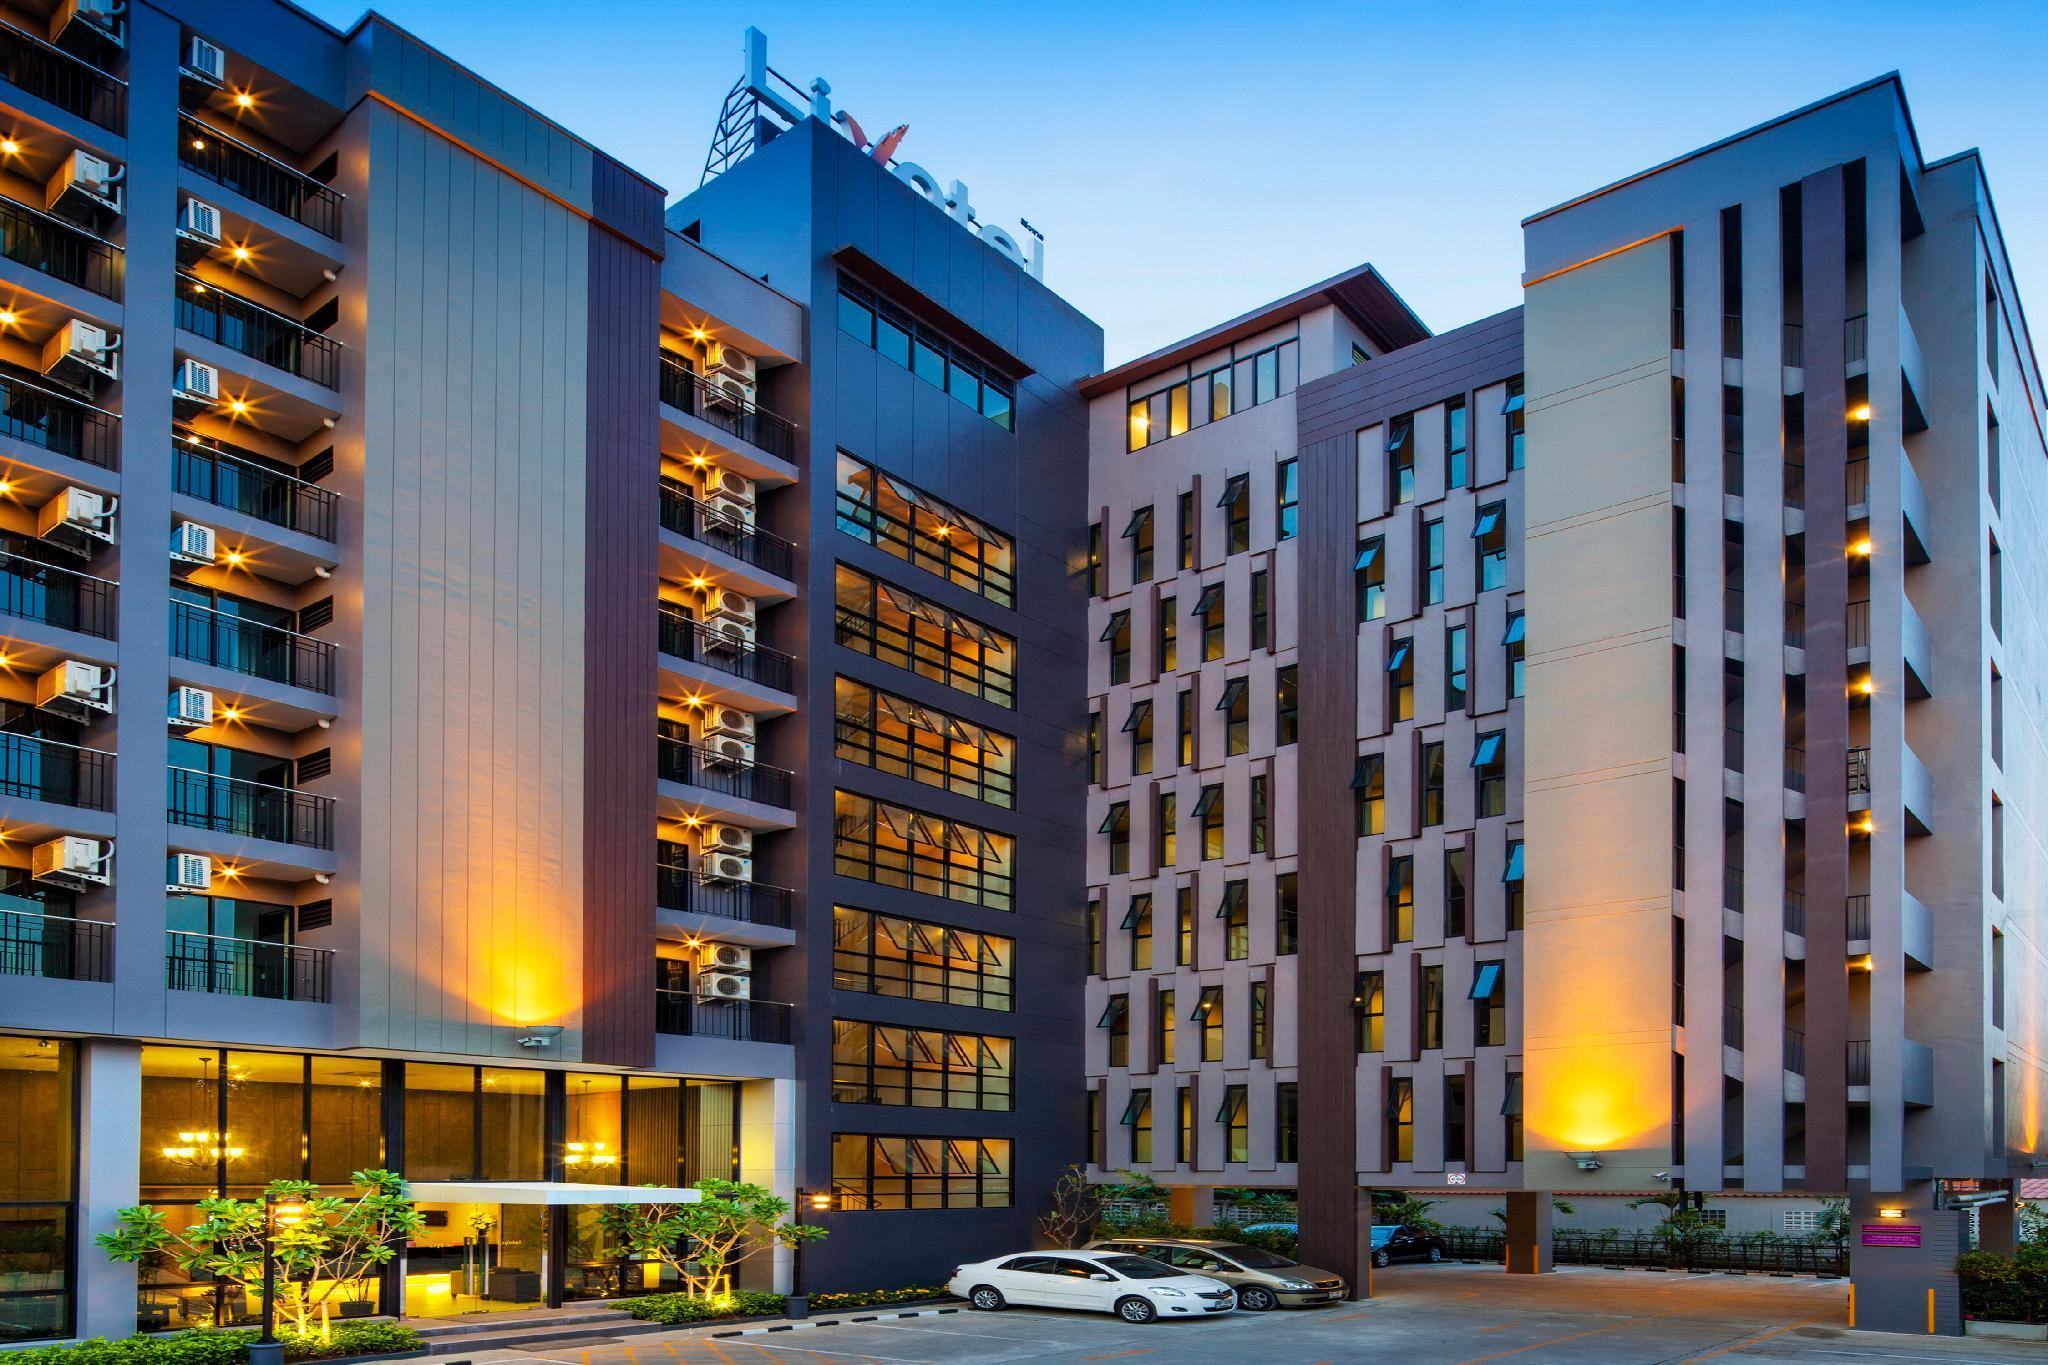 โรงแรม ลิโวเทล ลาดพร้าว กรุงเทพ